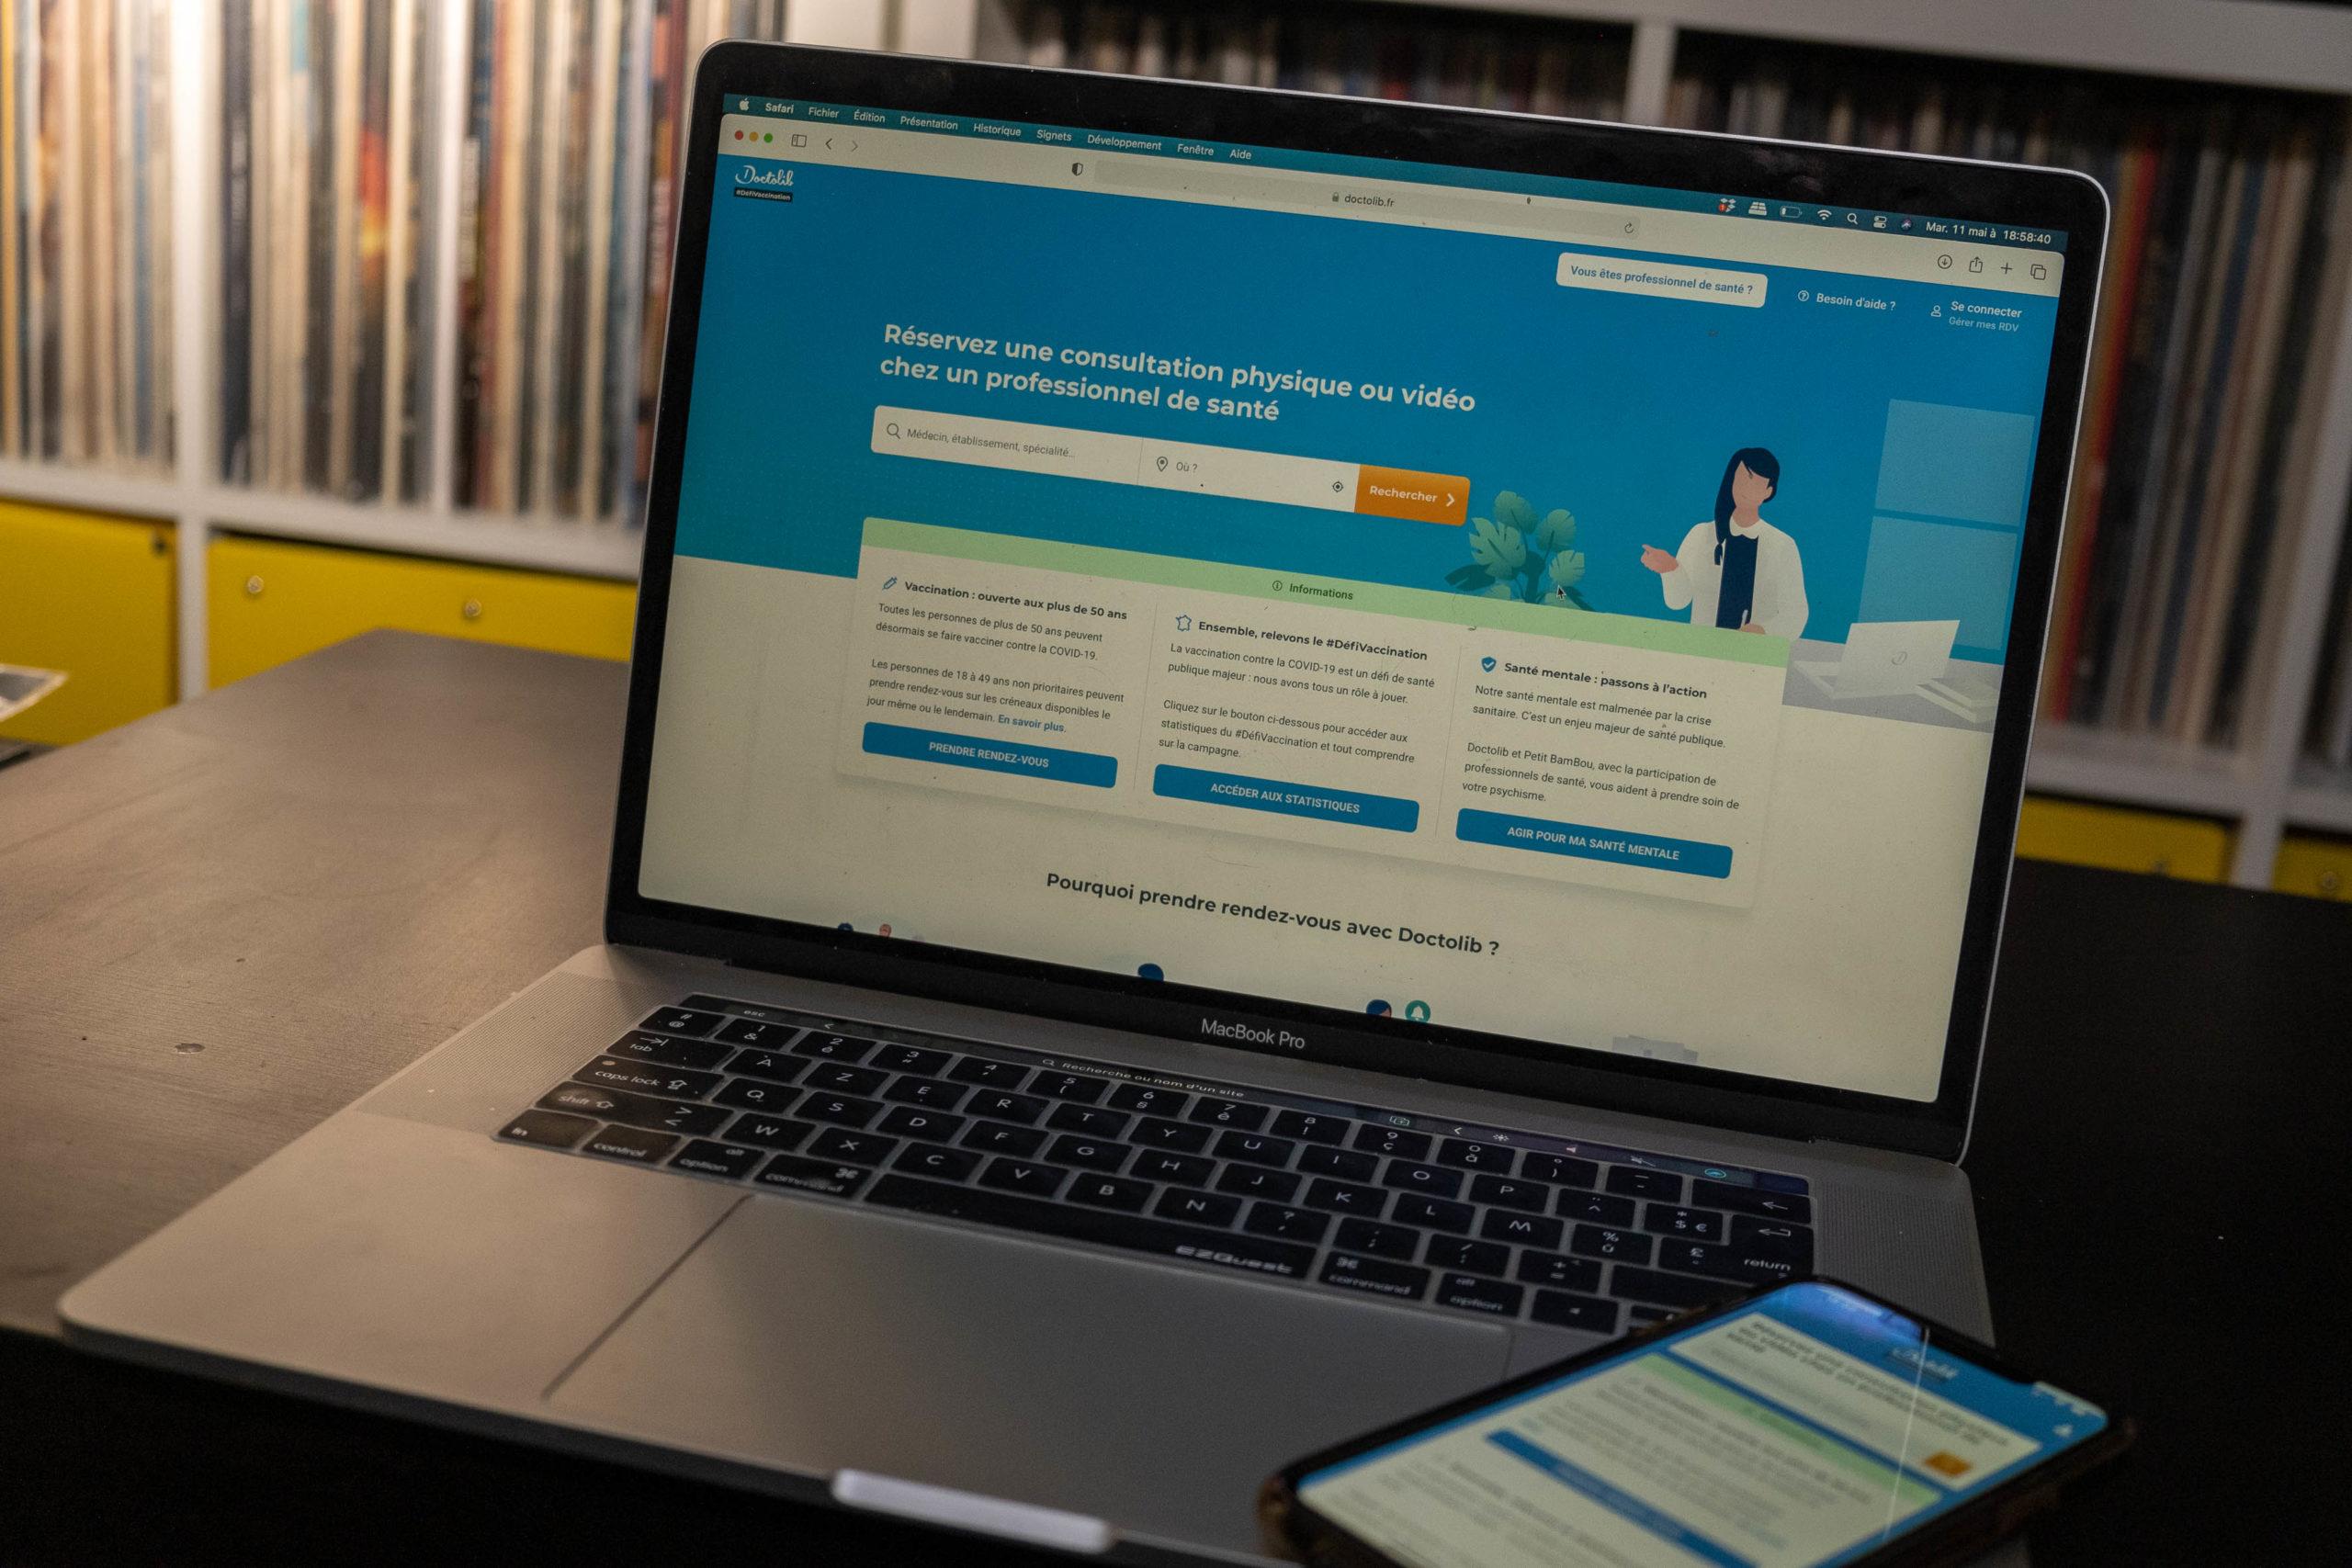 FRANCE, NEVERS, 2021/05/11. Doctolib, CovidTracker, ViteMaDose: tools that have developed with the health crisis. Florian Jannot-Caeillete / APJ / Hans Lucas. FRANCE, NEVERS, 2021/05/11. Doctolib, CovidTracker, ViteMaDose : les outils qui se sont développés avec la crise sanitaire. Florian Jannot-Caeillete / APJ / Hans Lucas.